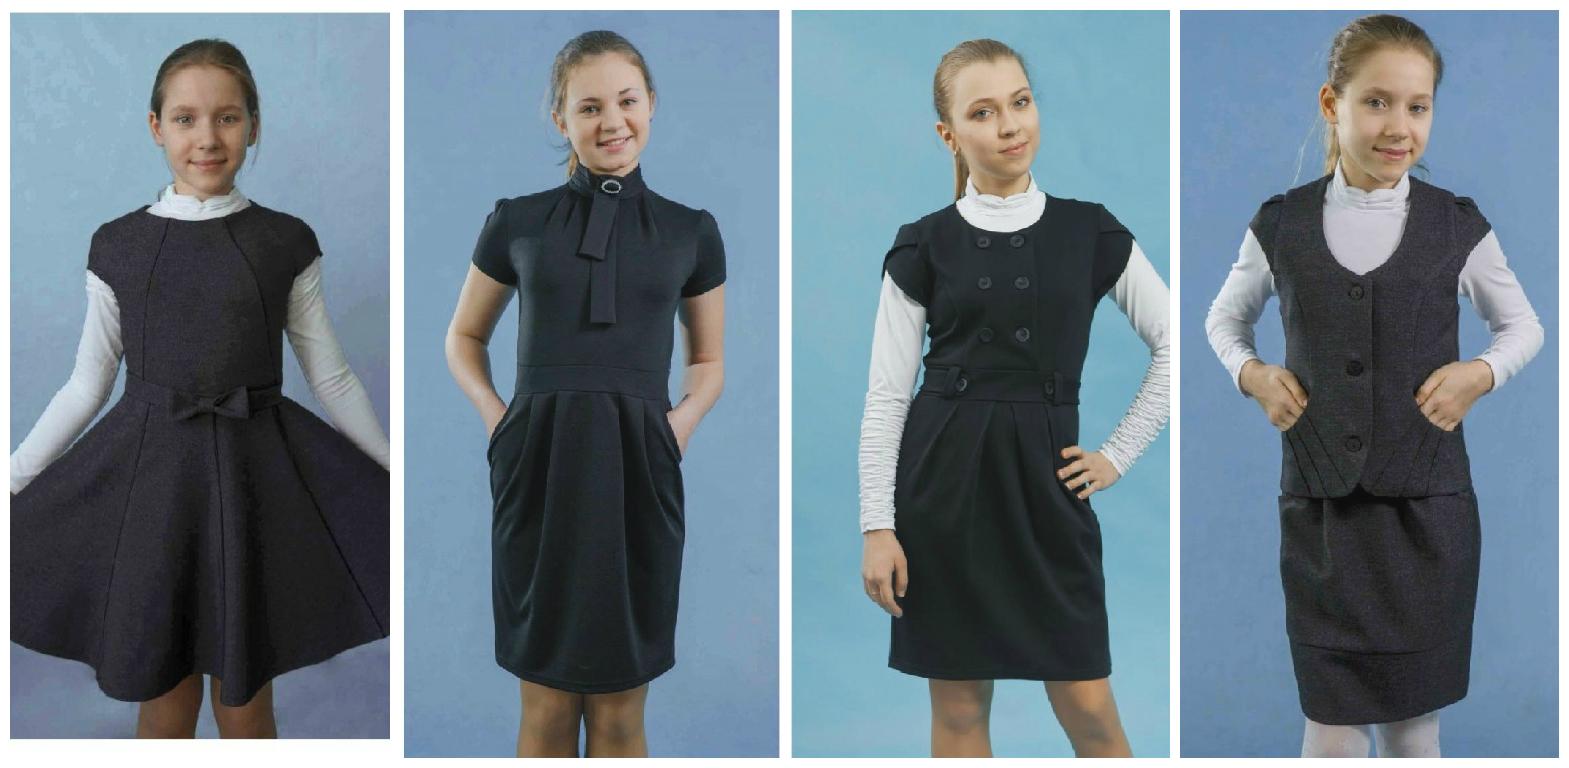 Сбор заказов. Красивая школьная форма для девочек. Водолазки по 295 руб, сарафаны и платья 900 руб, юбки, жилеты.Размеры 122-164. Цены Вас приятно удивят. Без рядов ! Выкуп- 3.